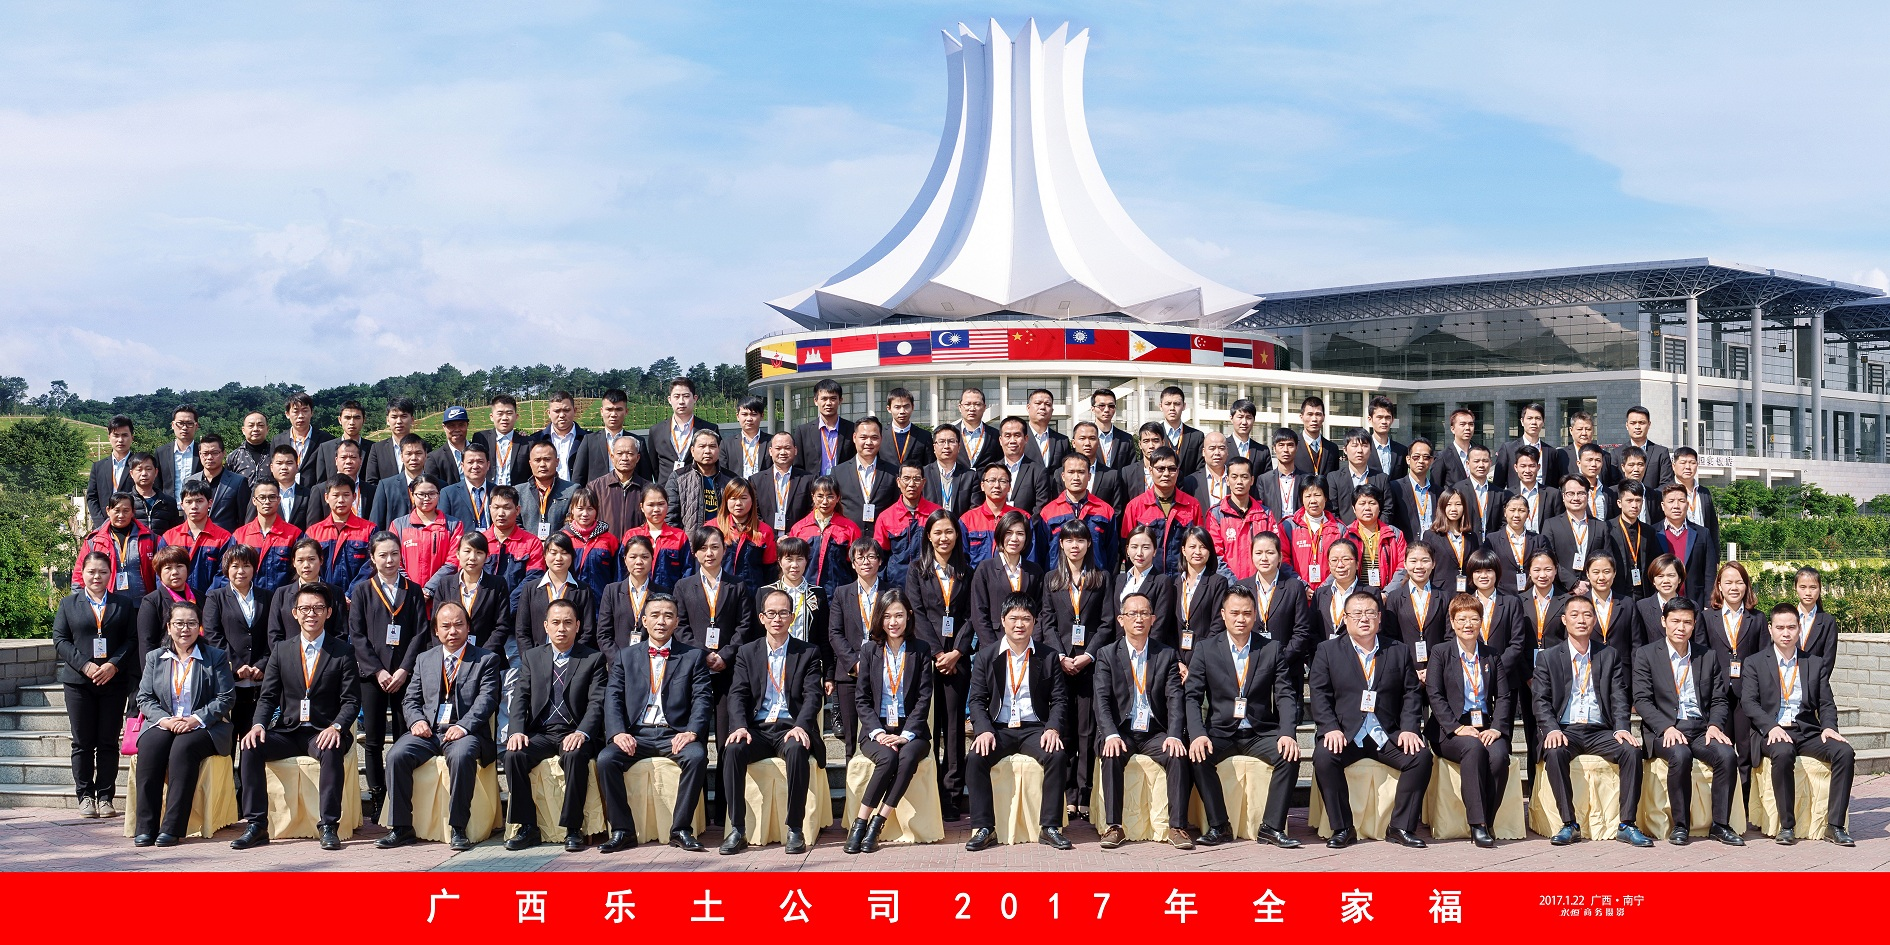 2017年全家福-2.jpg